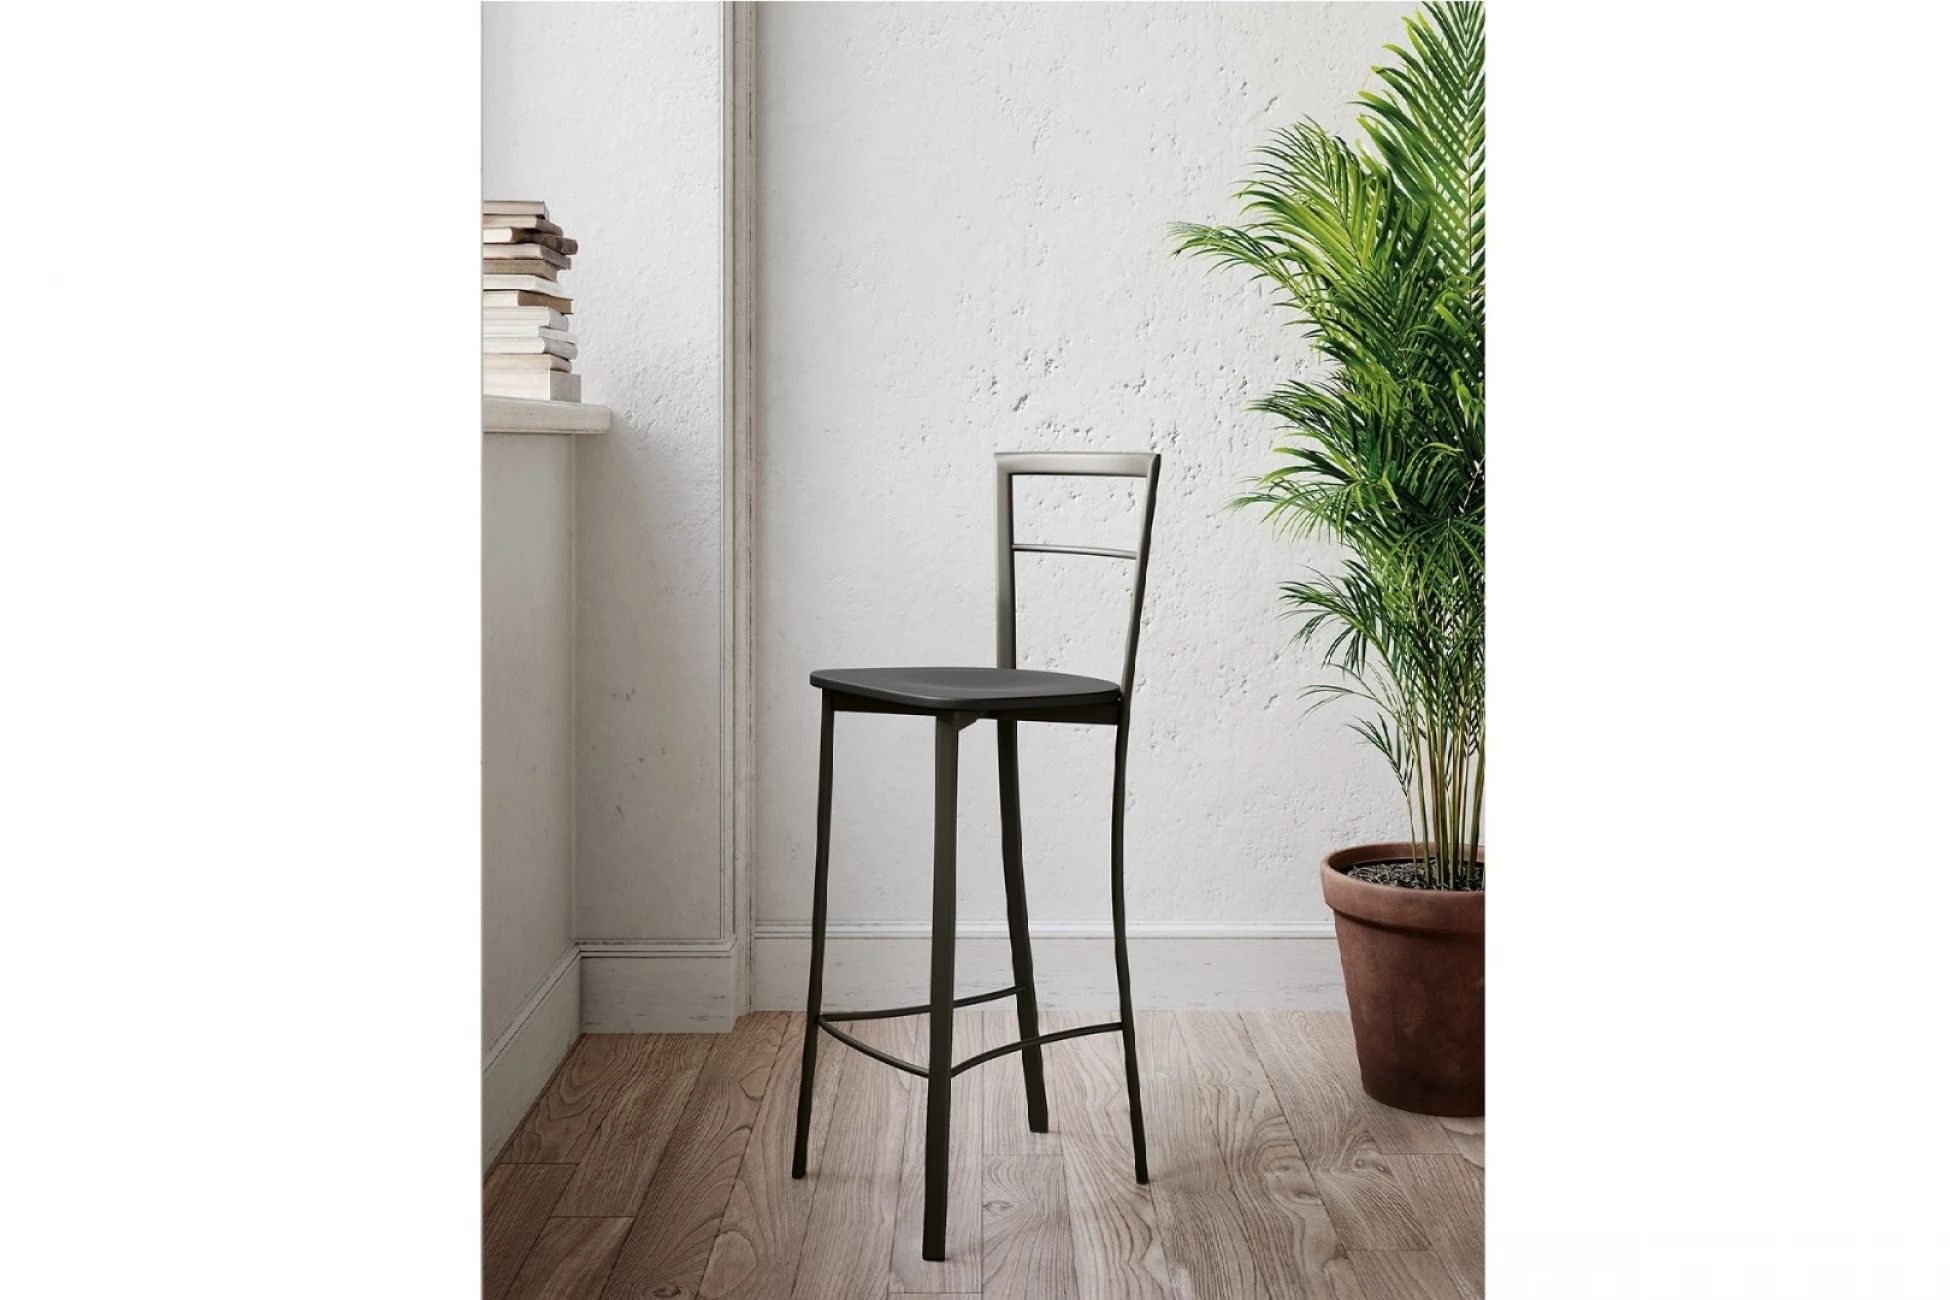 Итальянский барный стул NICOLE от фабрики Arredo3